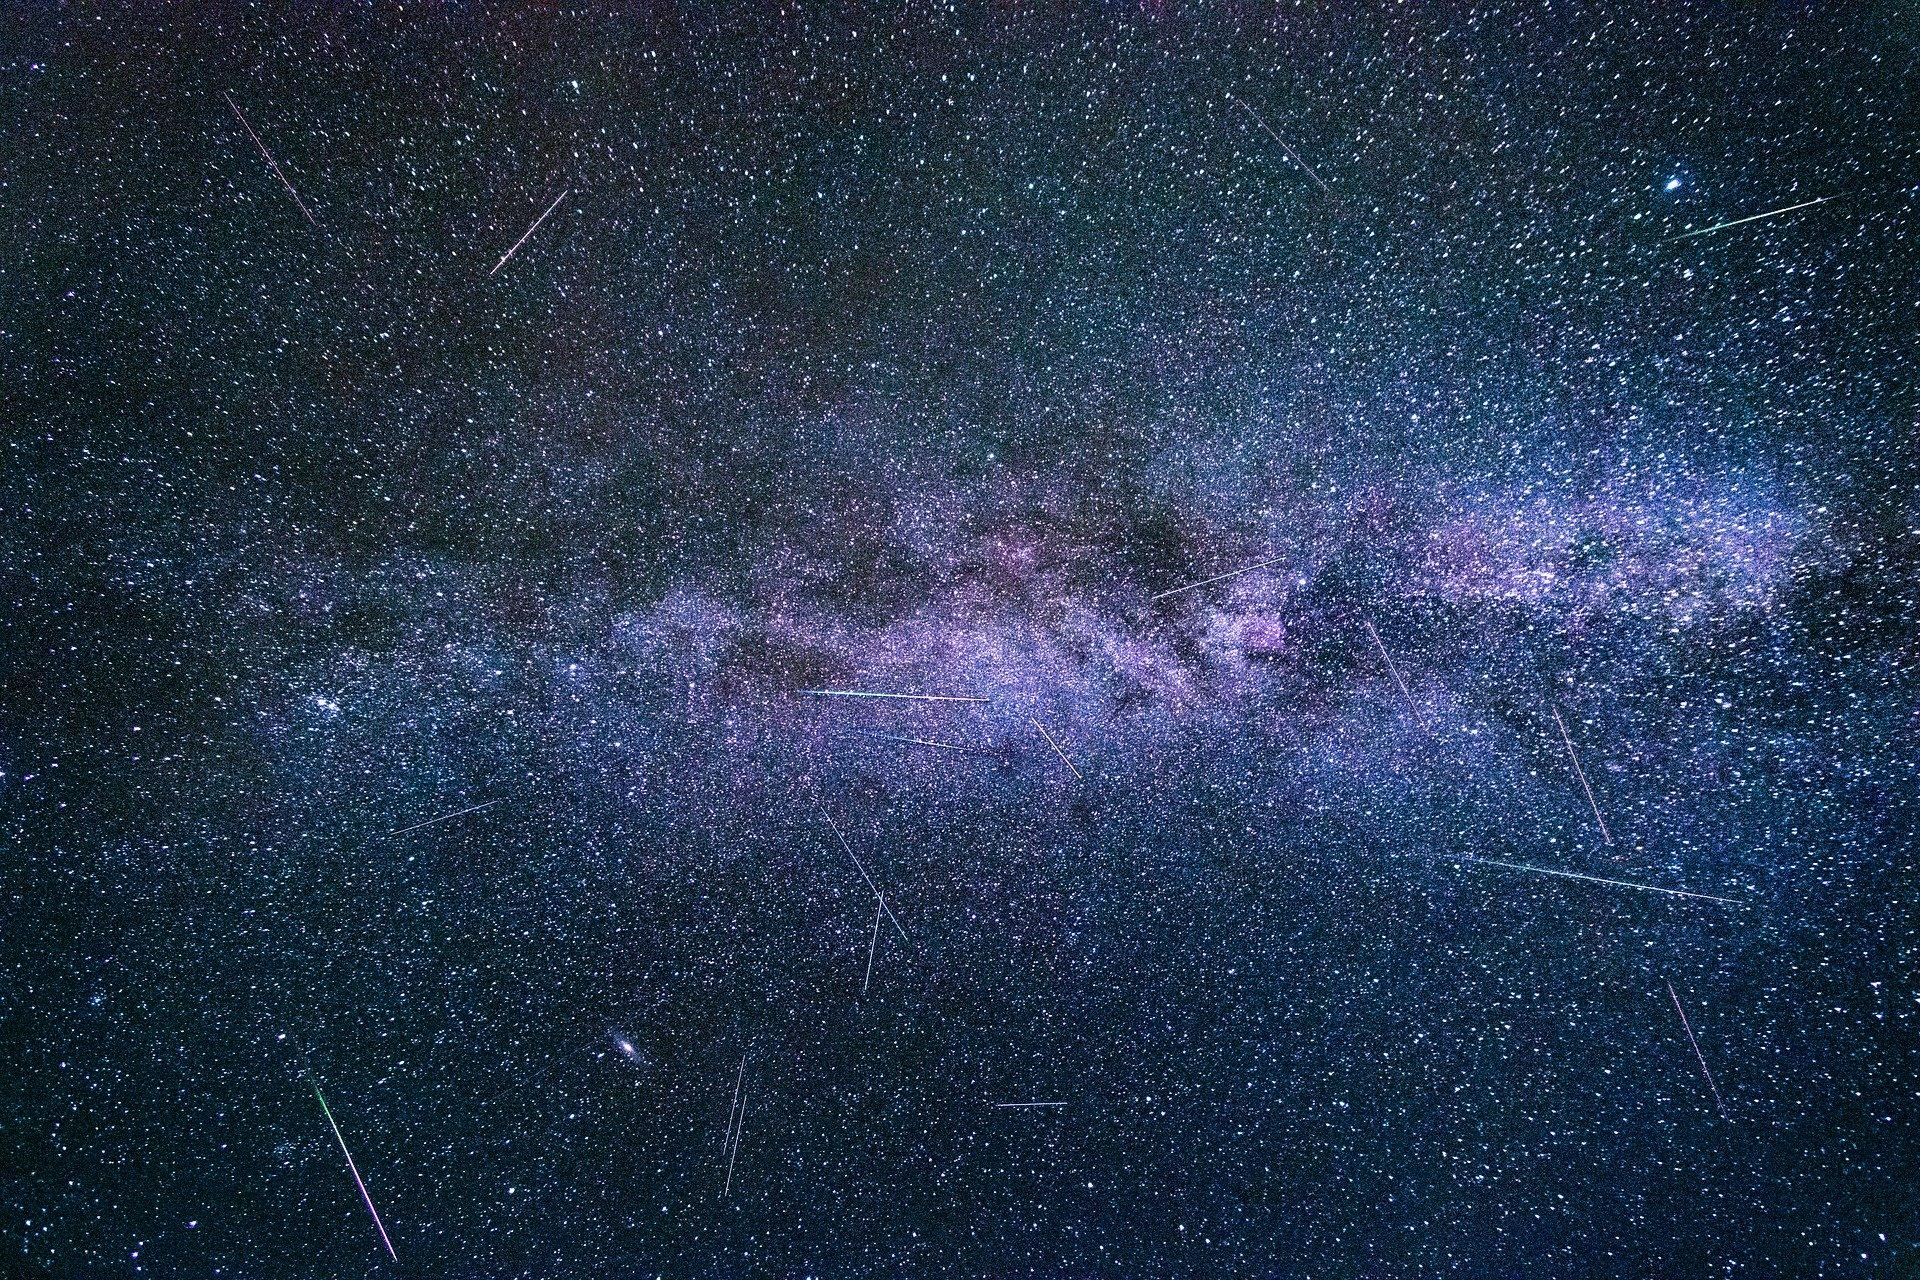 【2020年天文イベント】ペルセウス座流星群はいつからいつまで? 見える場所などまとめ